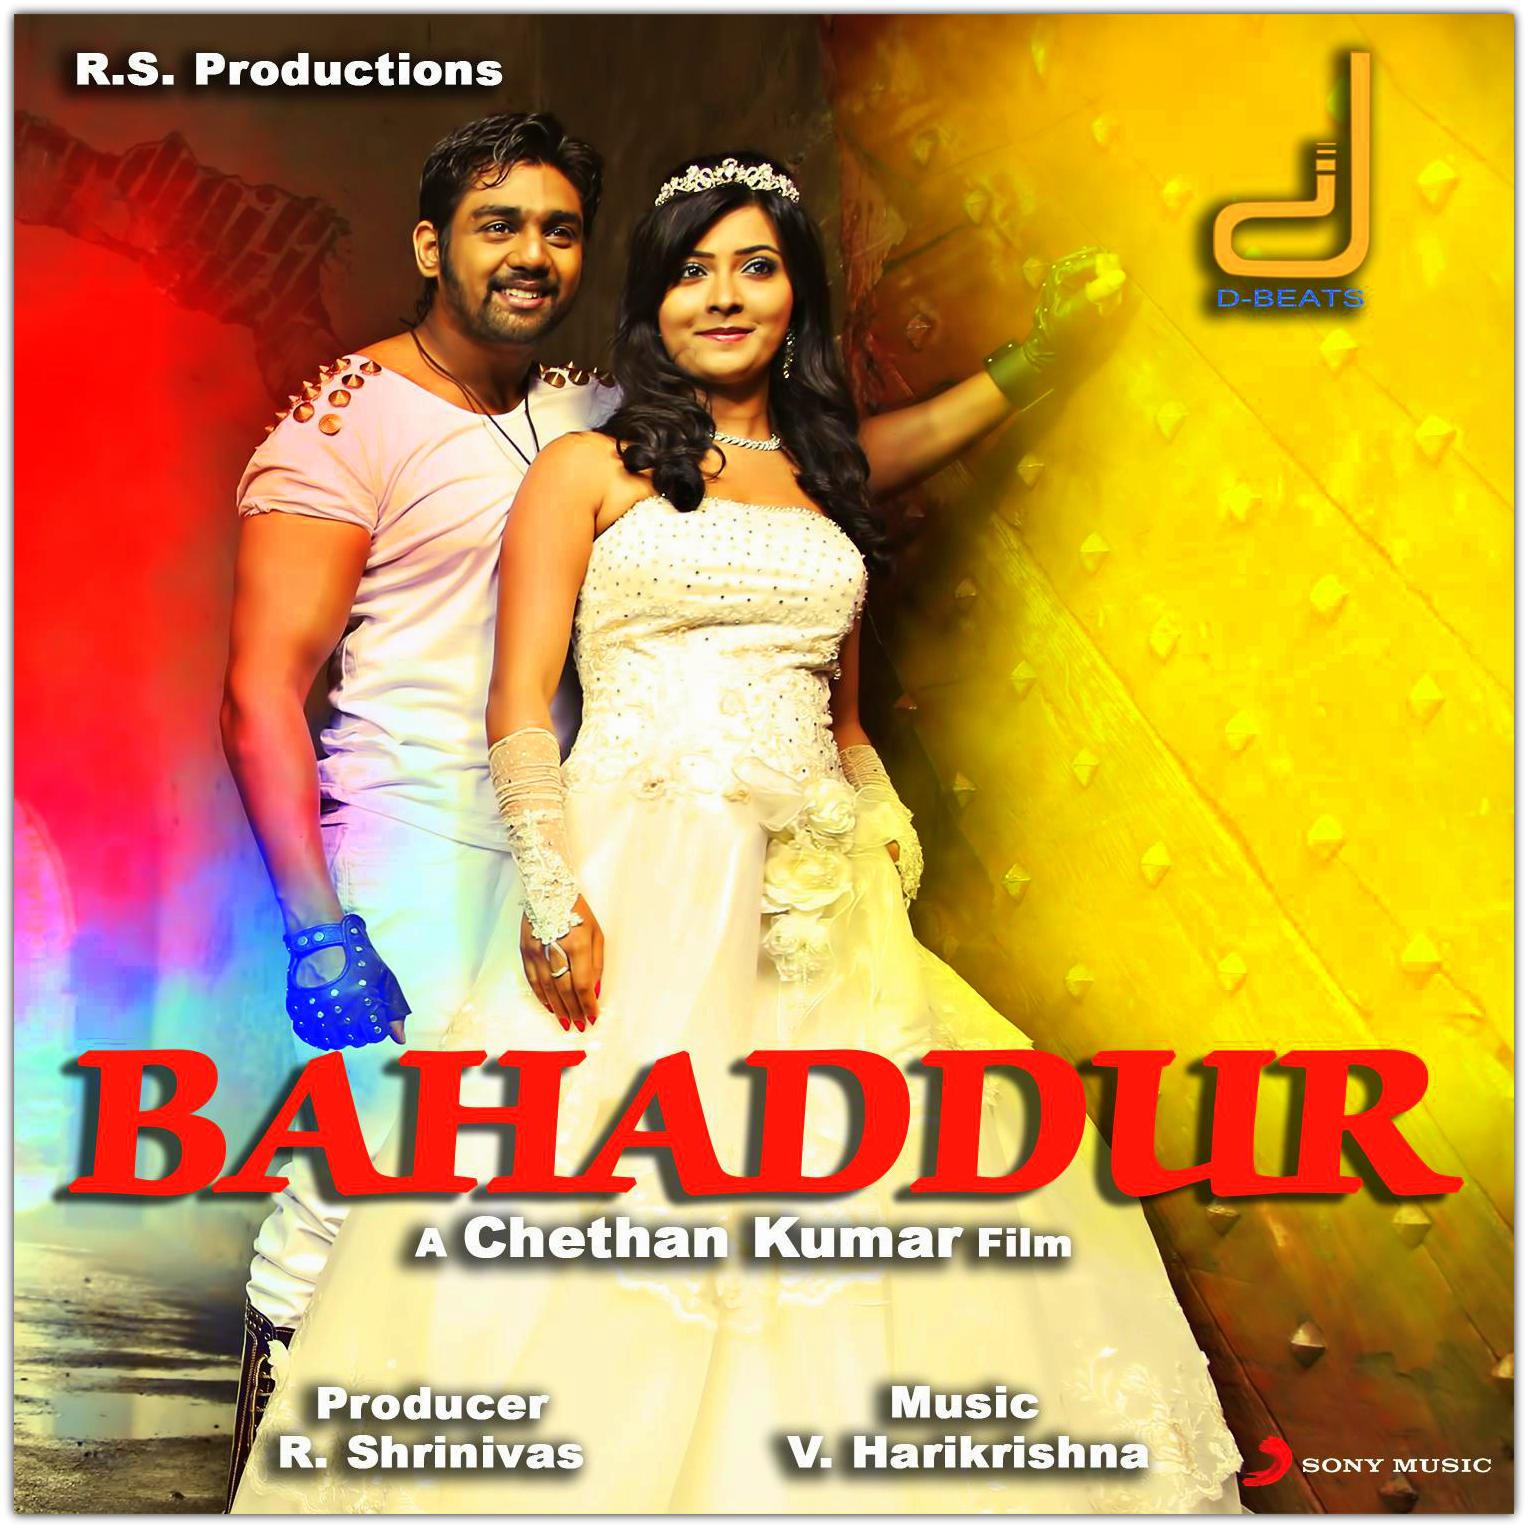 Am A Rider Mp3 Song Free Download: Kannada Mp3 Songs: Bahaddur (2014) Kannada Movie Mp3 Songs